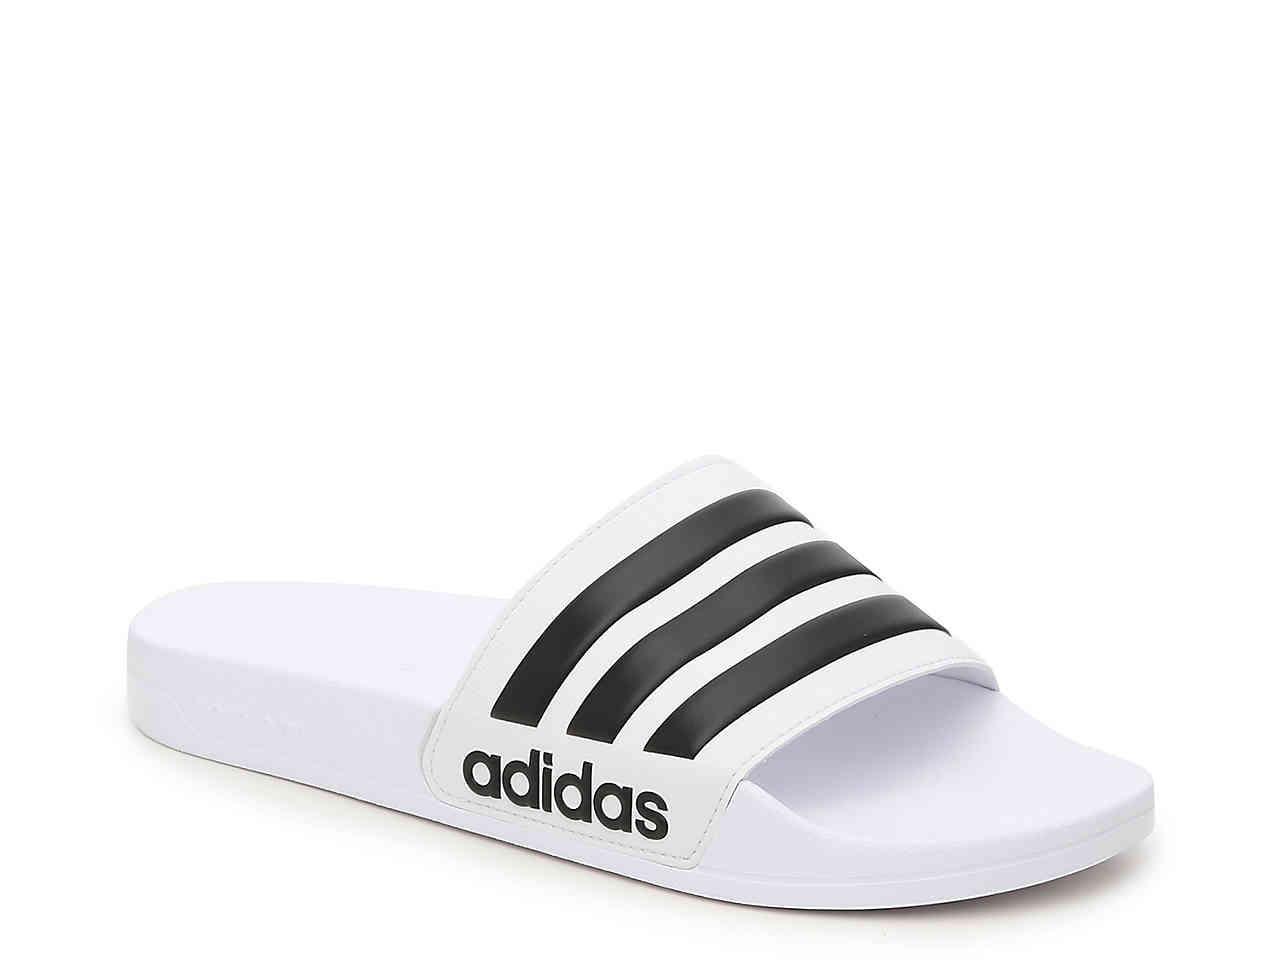 0910ccdbc0269c Adidas - White Adilette Shower Slide Sandals for Men - Lyst. View fullscreen